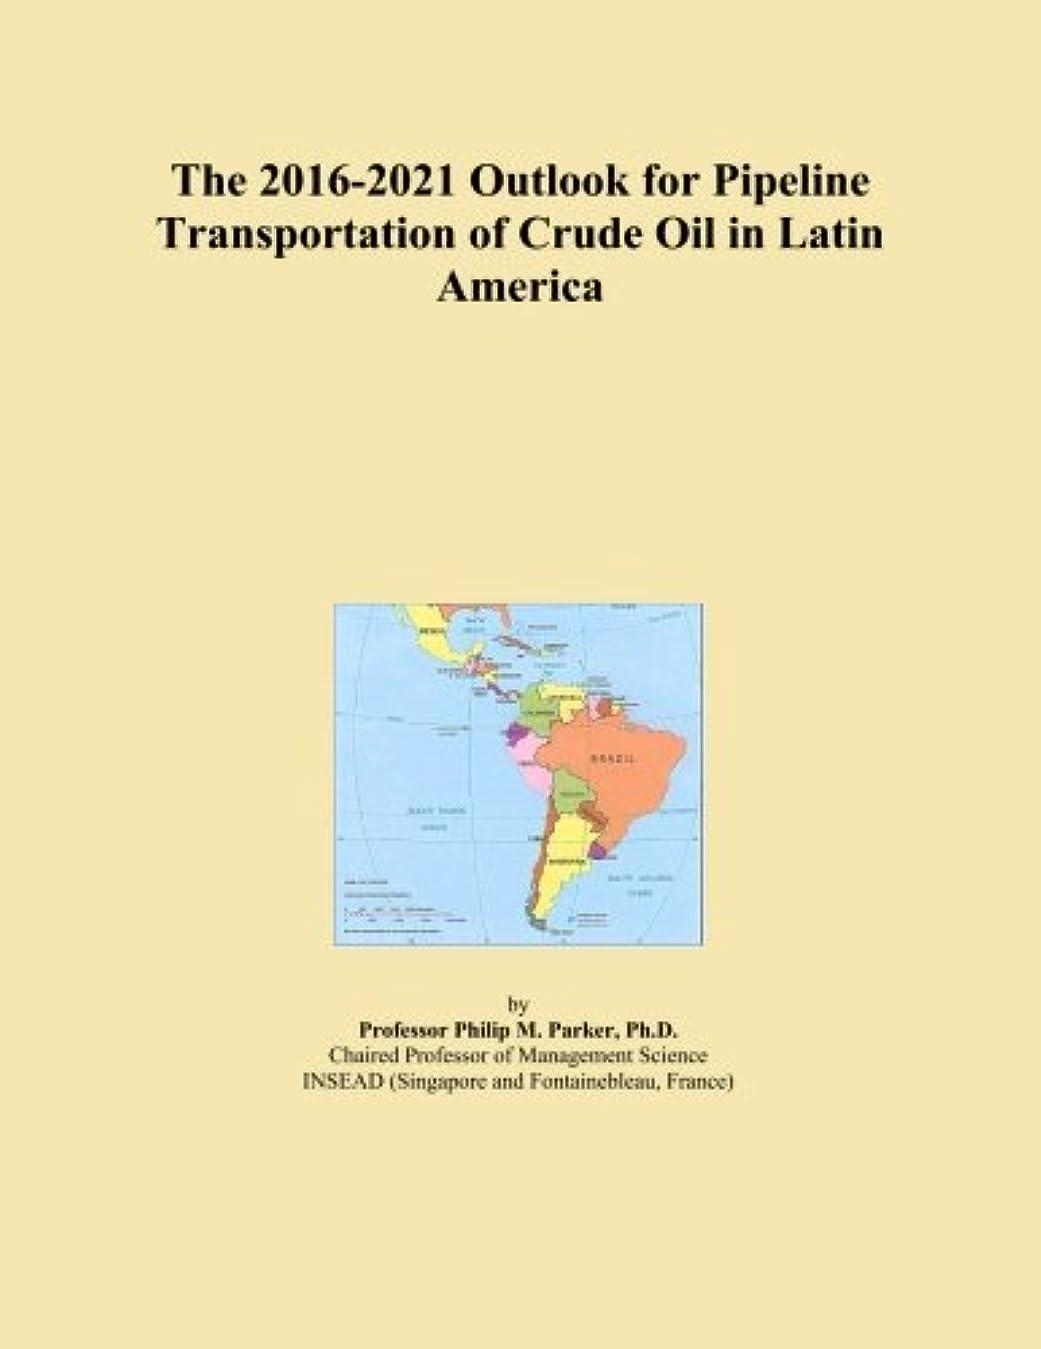 フレームワークうなり声さらにThe 2016-2021 Outlook for Pipeline Transportation of Crude Oil in Latin America